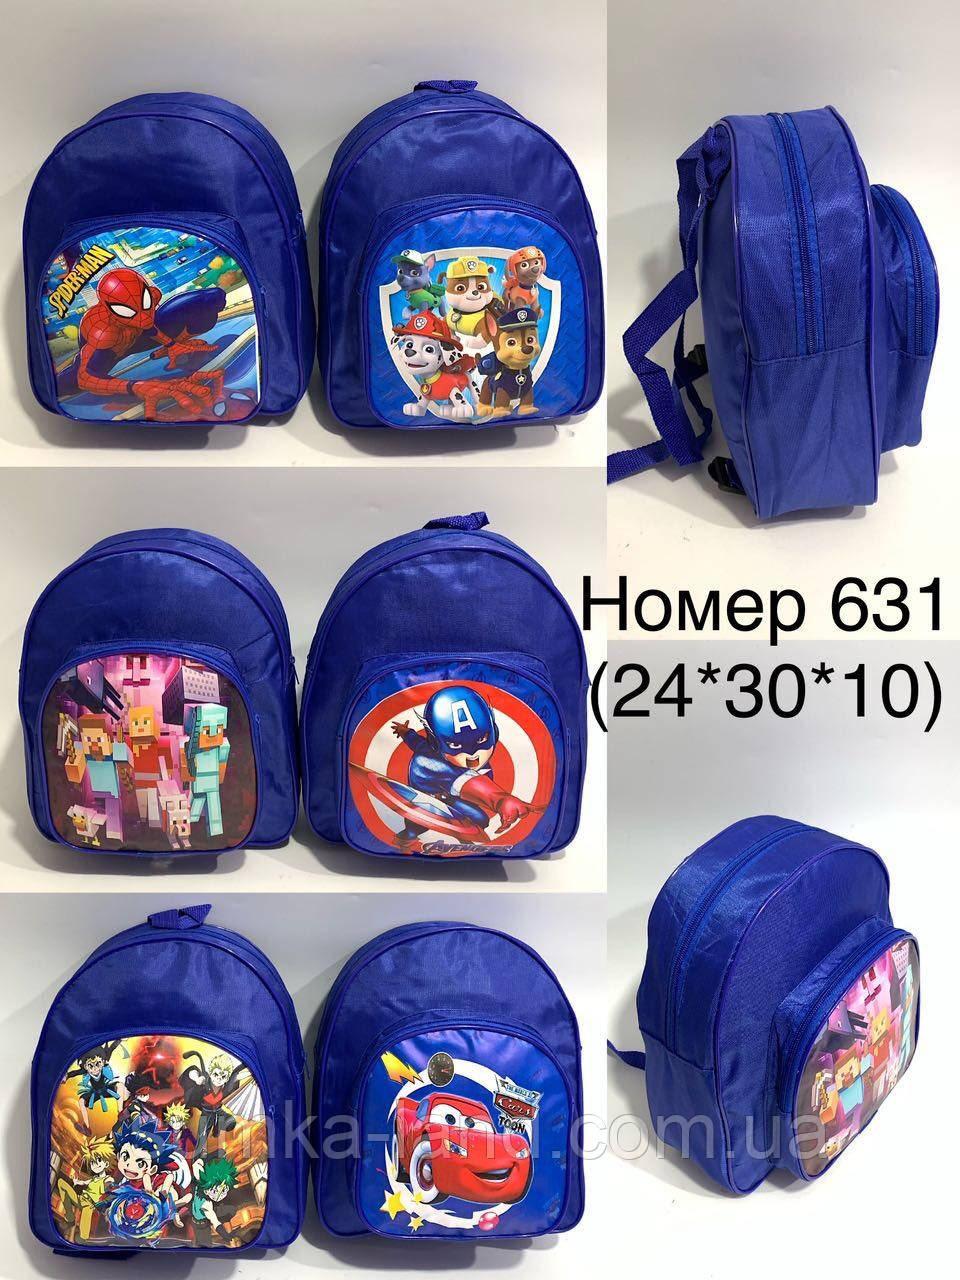 Детские рюкзаки для мальчиков 24*30 см